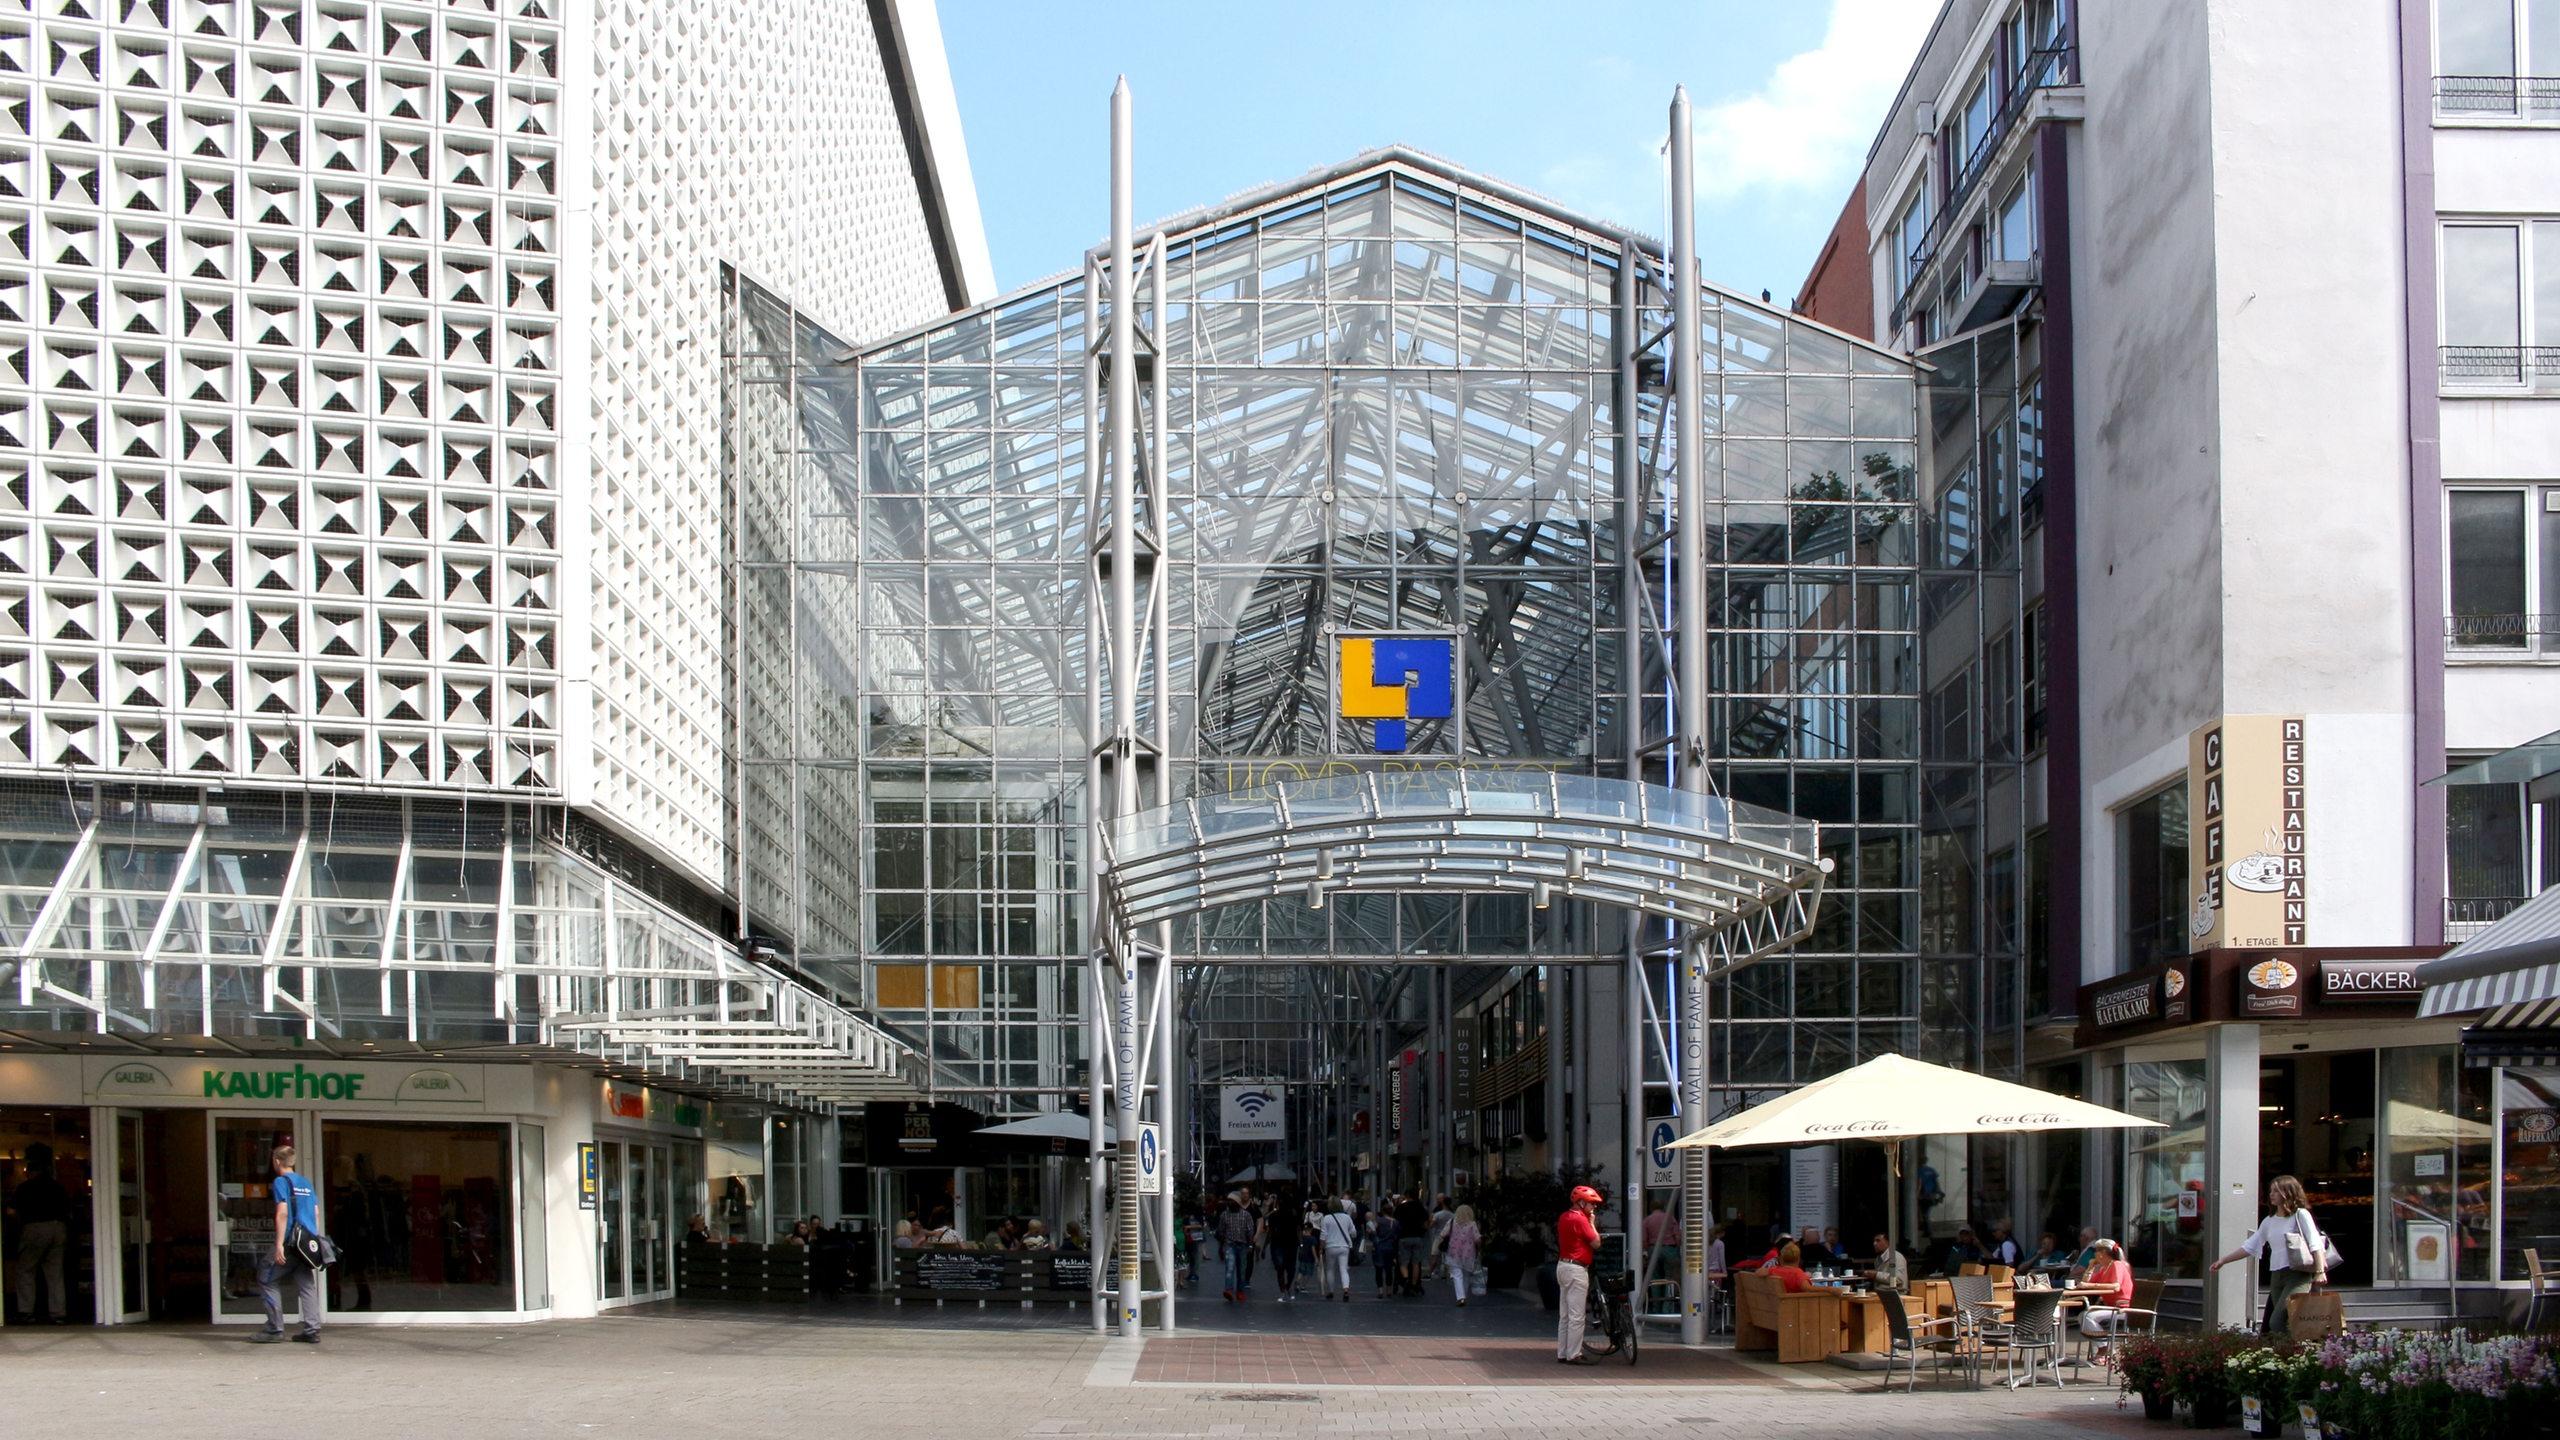 Kaufhof Gebäude buten un binnen